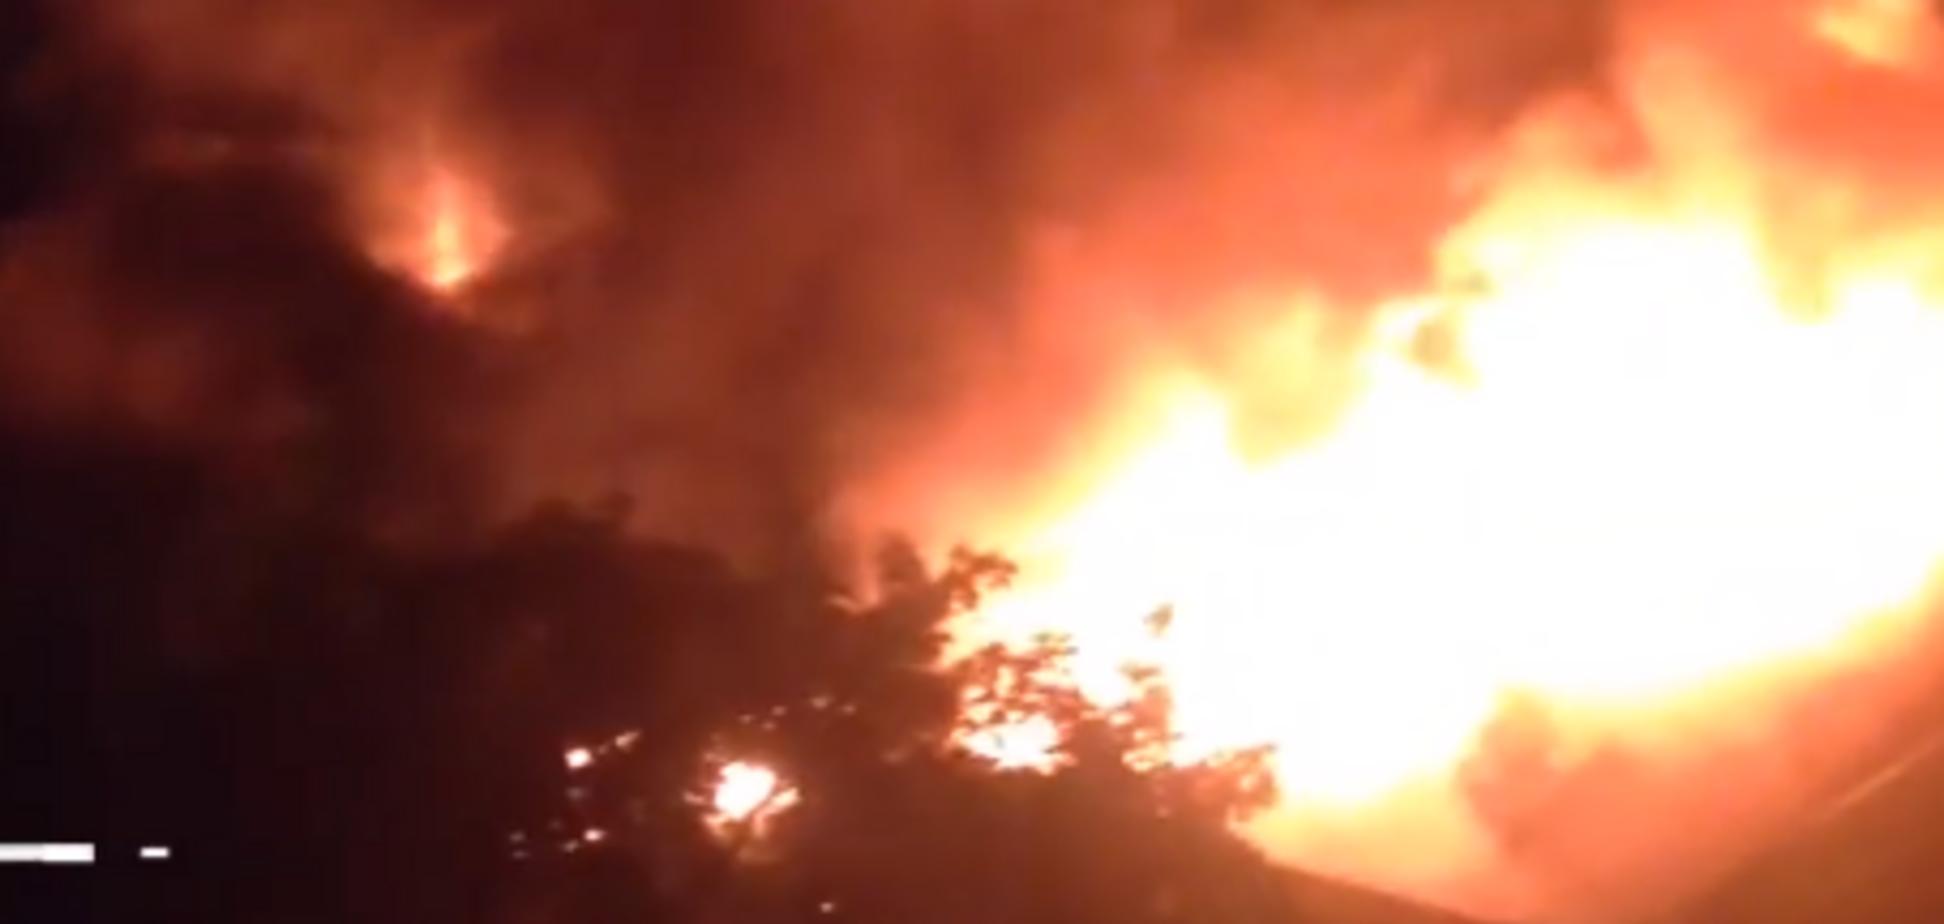 В Днепре ночью сгорел огромный магазин одежды: жуткие фото и видео